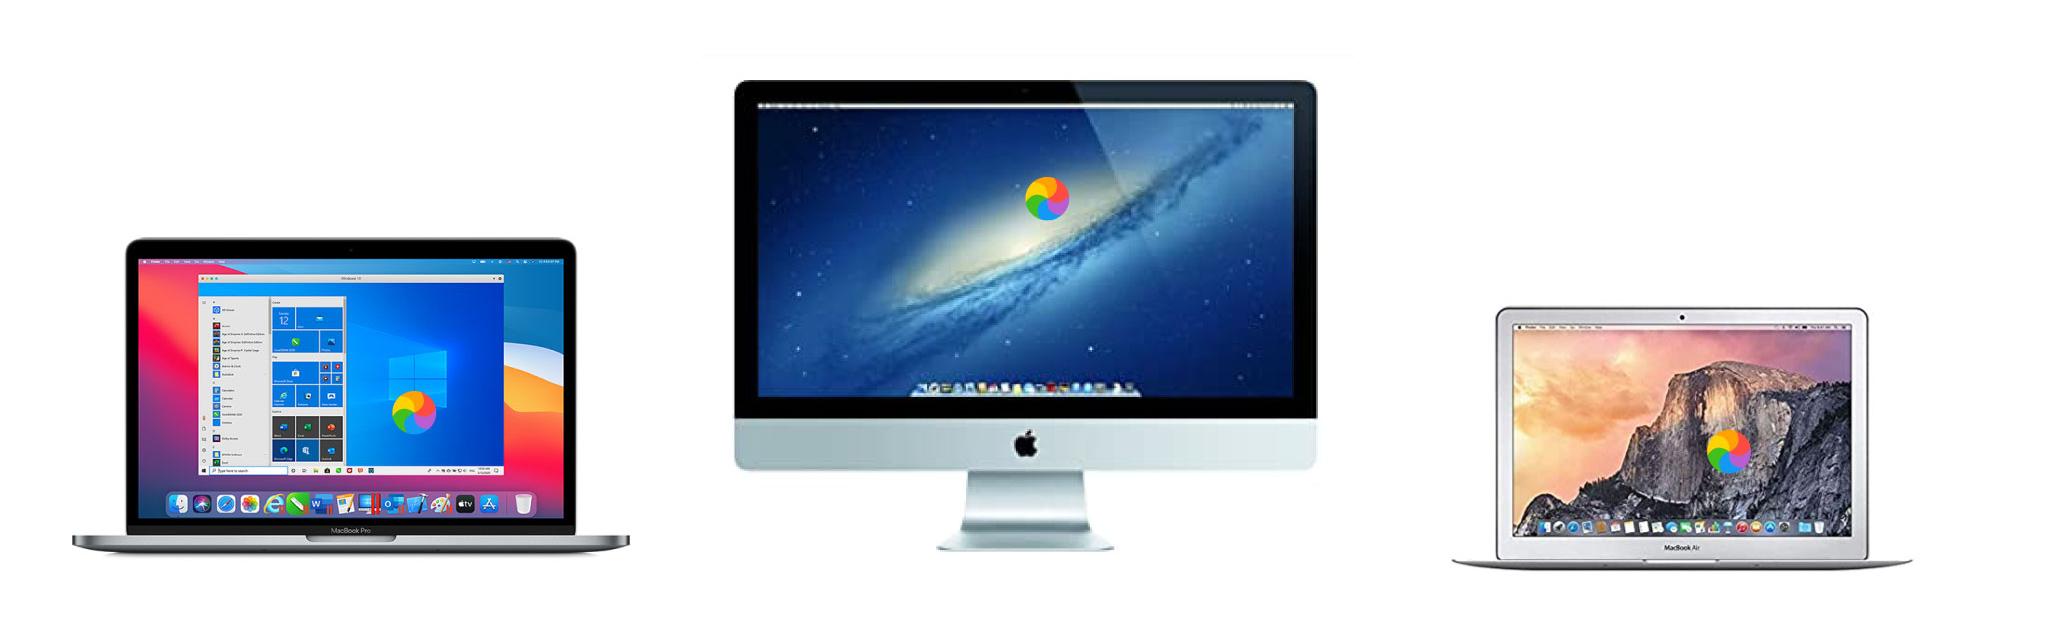 Expert Mac Repair Service - Slow Mac Repair Lewisville